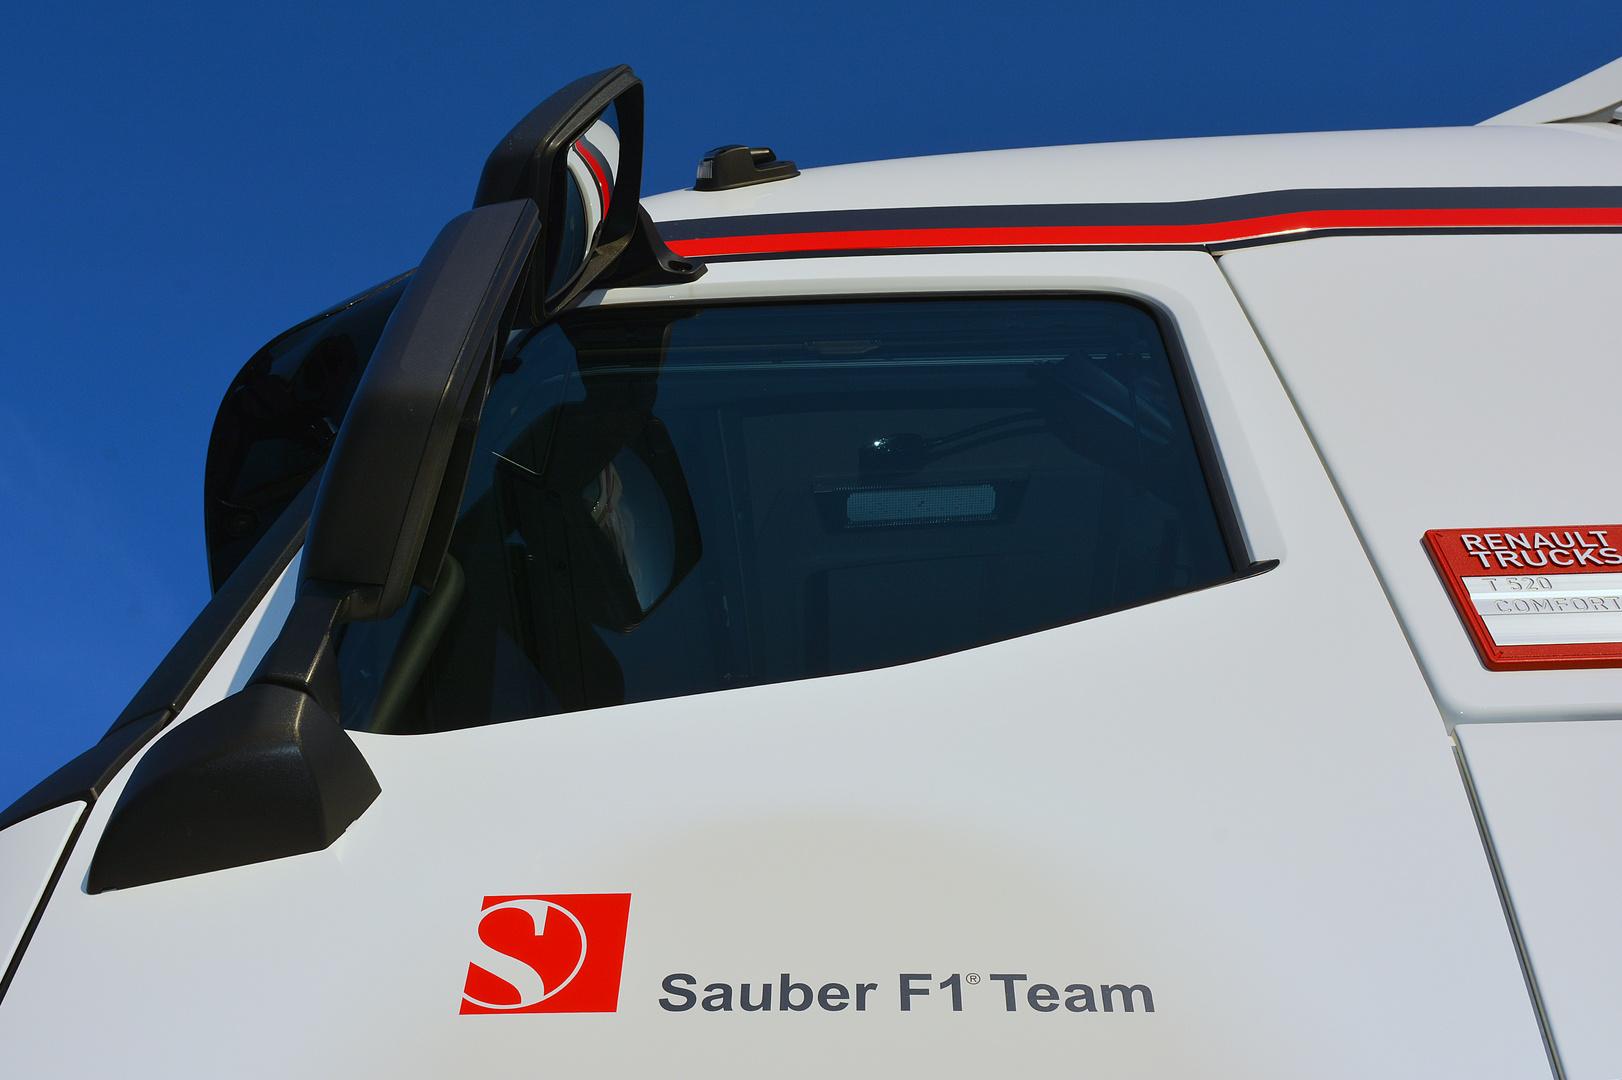 Sauber F1 Team Truck 2